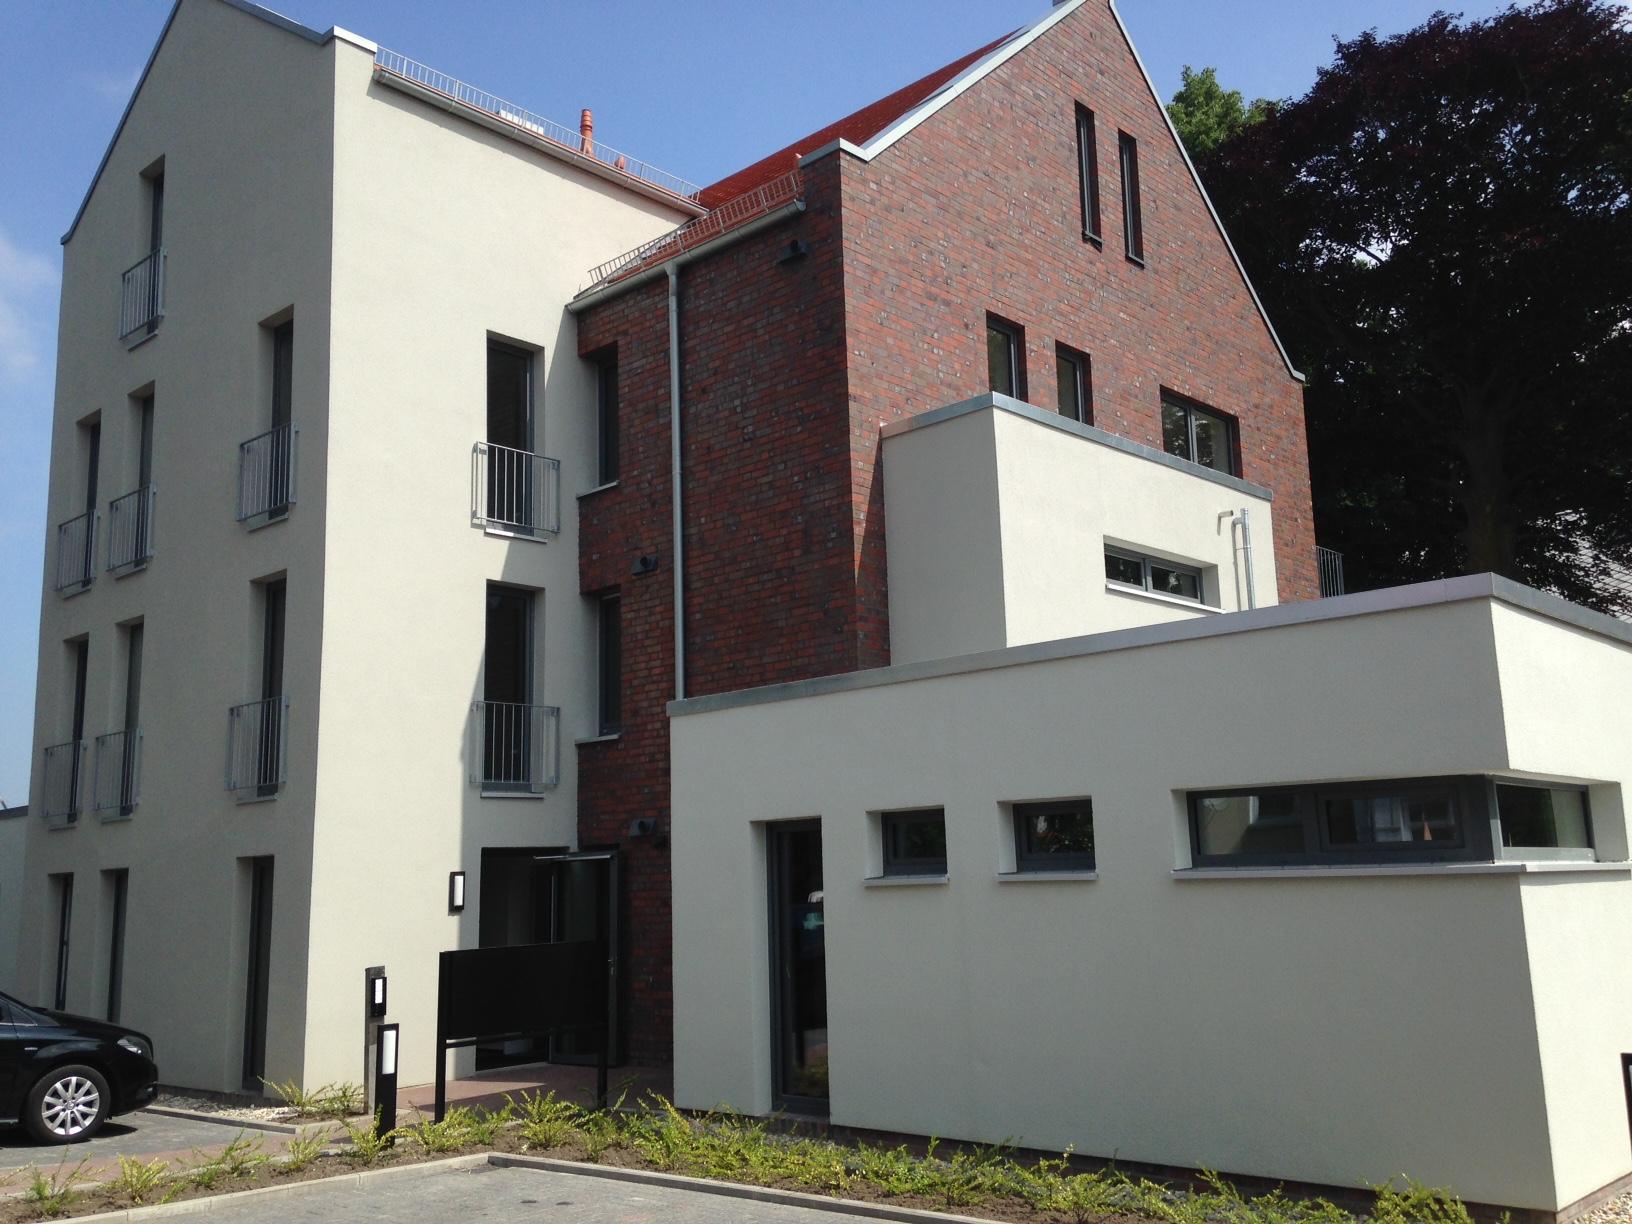 Das Haus Philipp in Jever des Vereins für Innere Mission in Bremen